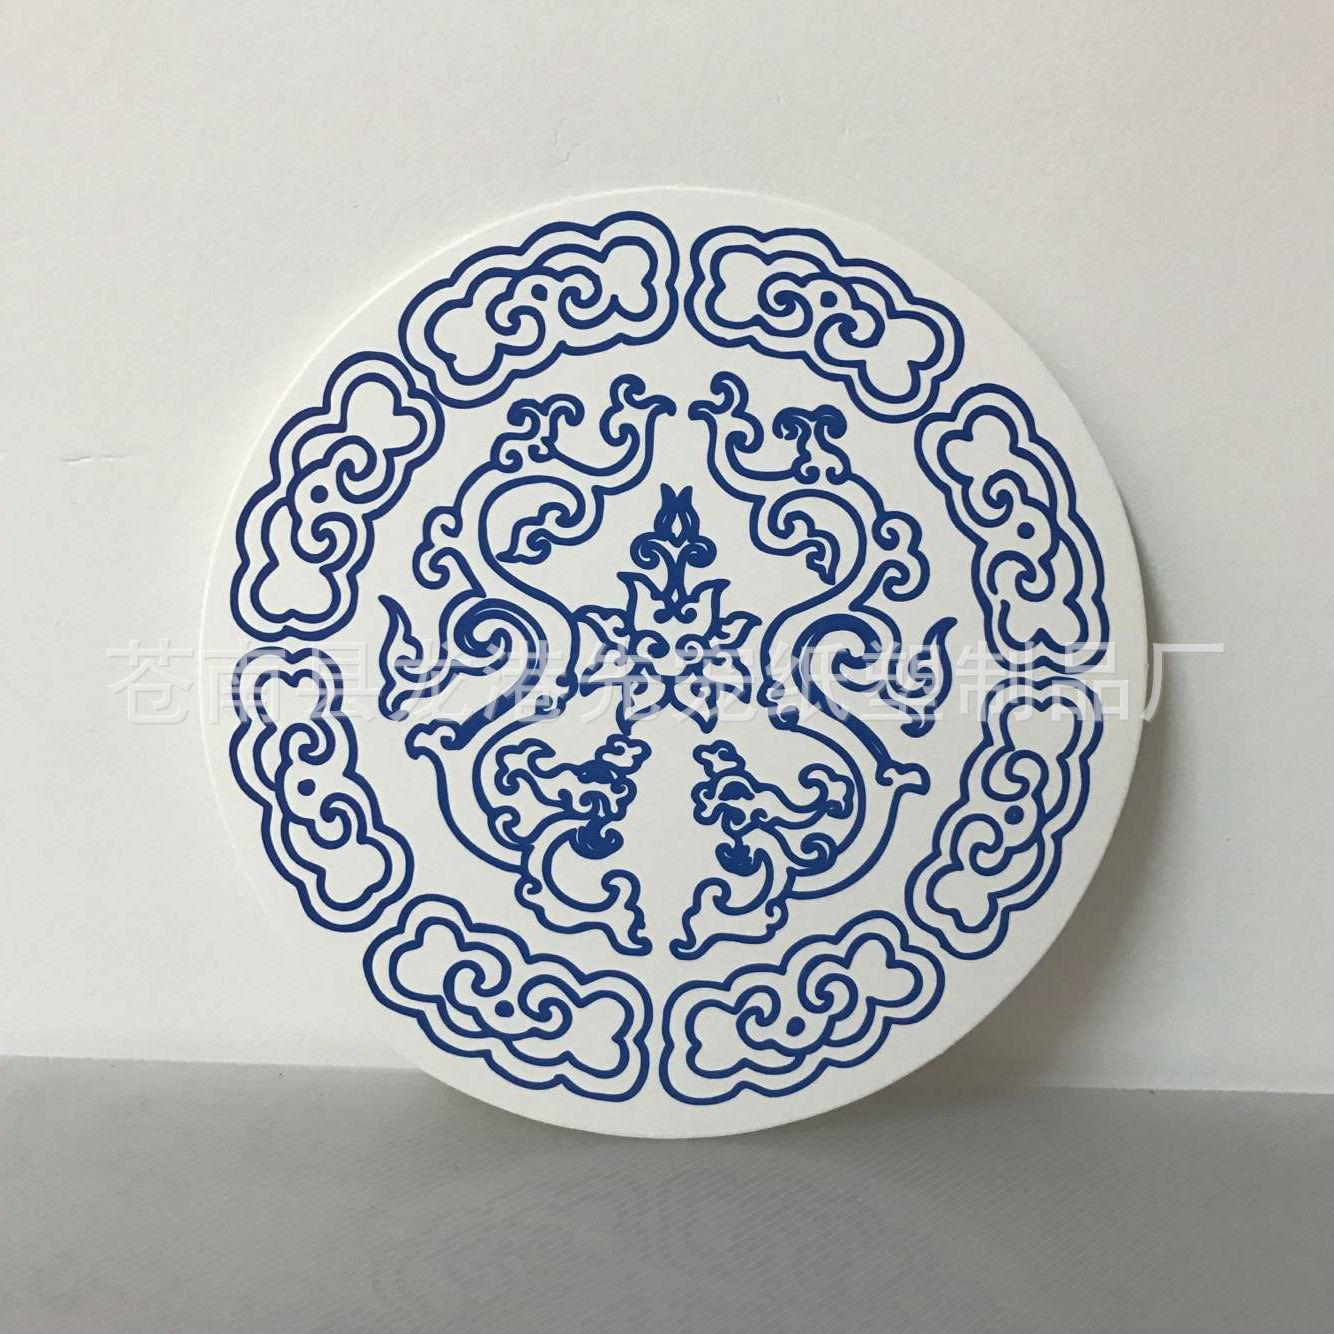 幼儿园开学教室走廊环境布置装饰品中国风青花瓷图案手工diy圆盘